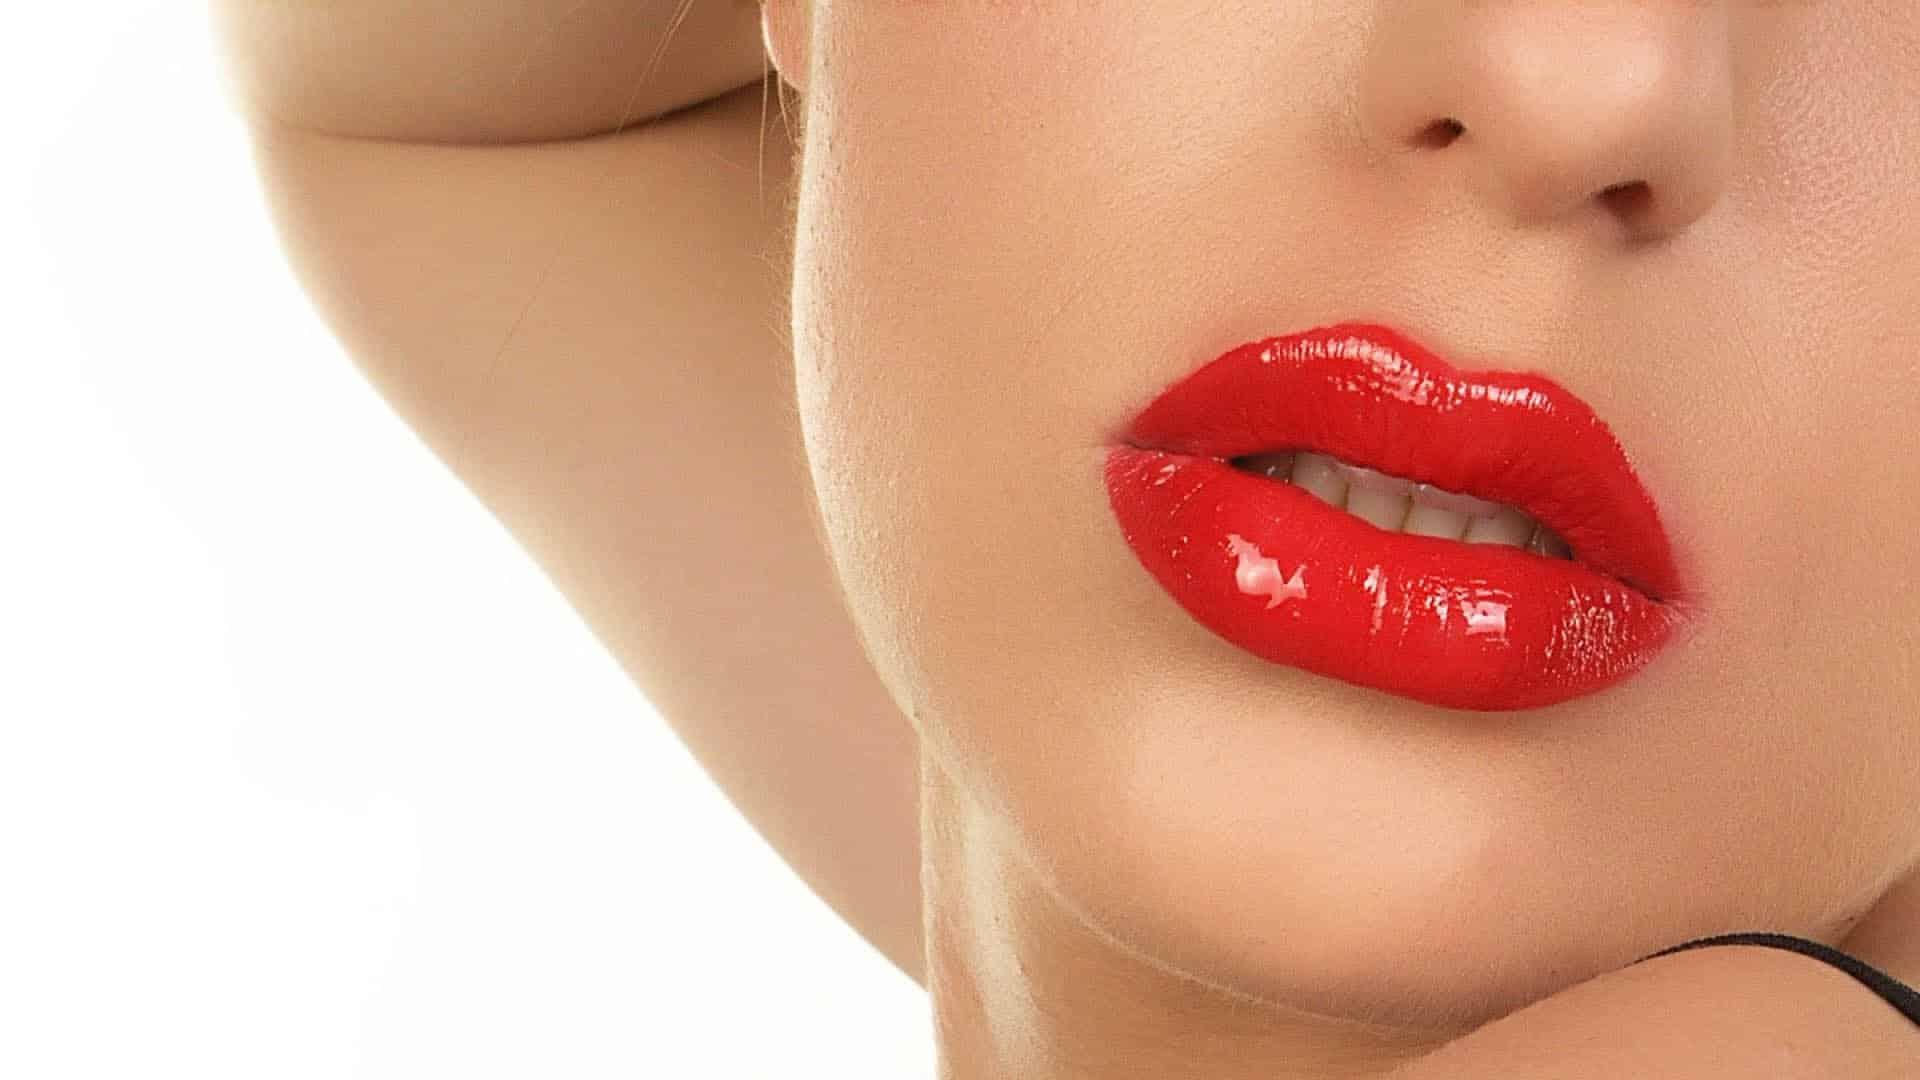 Реабилитация после увеличения губ